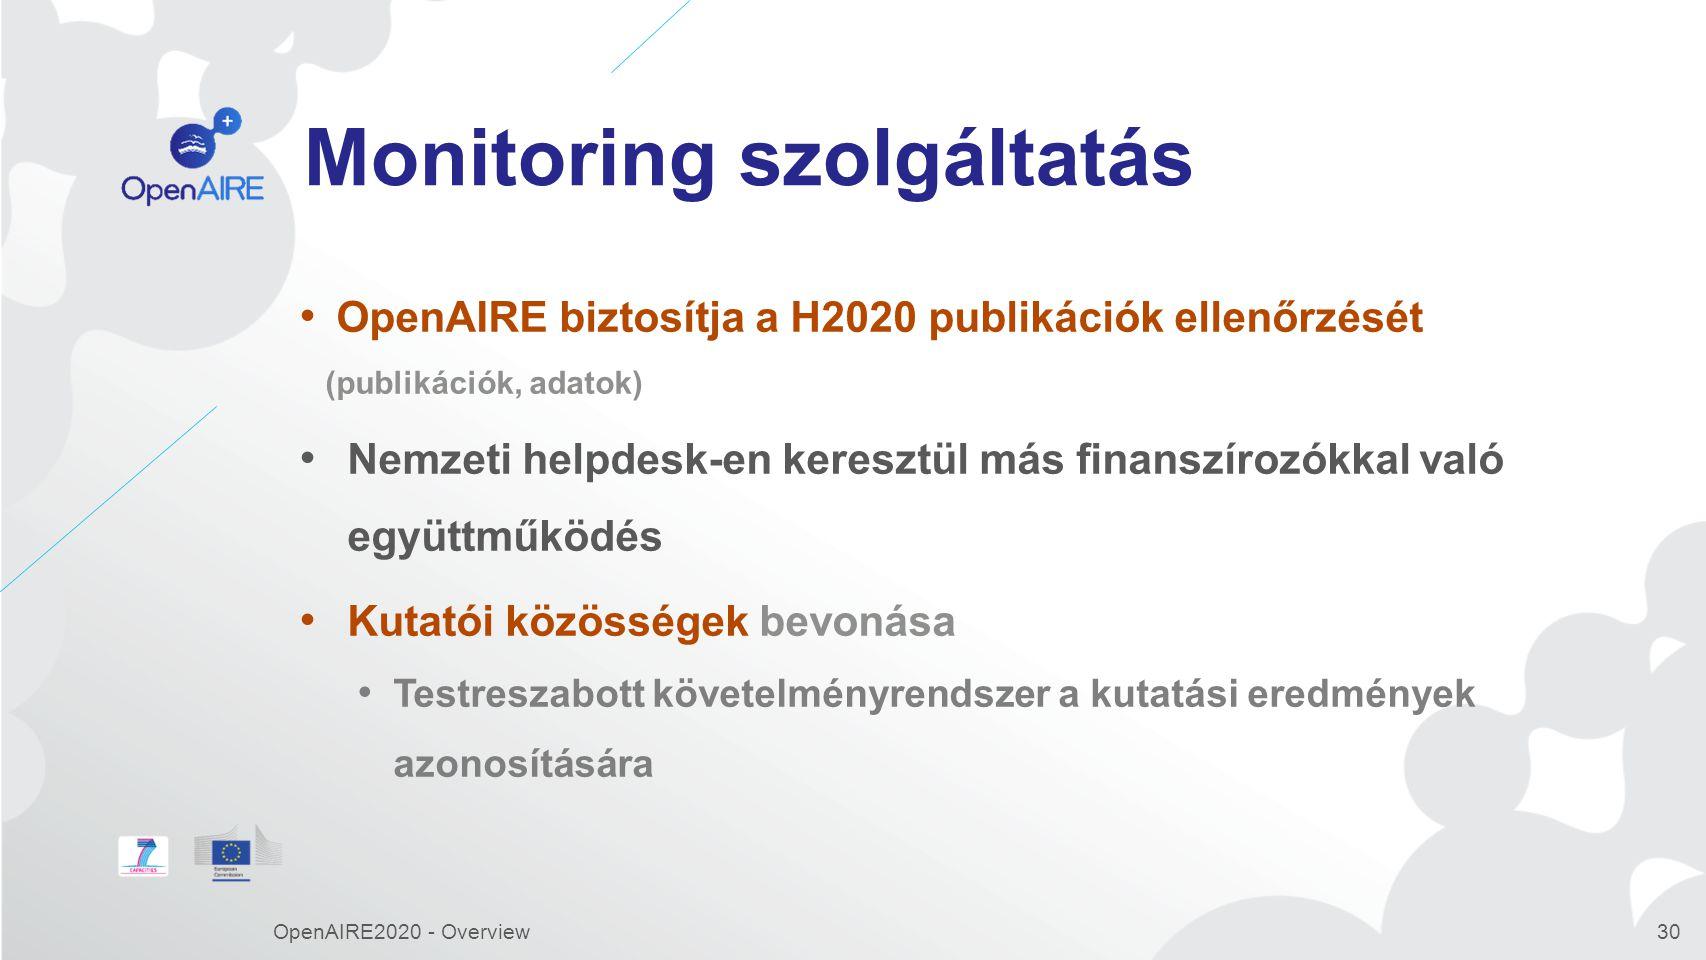 Monitoring szolgáltatás OpenAIRE biztosítja a H2020 publikációk ellenőrzését (publikációk, adatok) Nemzeti helpdesk-en keresztül más finanszírozókkal való együttműködés Kutatói közösségek bevonása Testreszabott követelményrendszer a kutatási eredmények azonosítására OpenAIRE2020 - Overview30